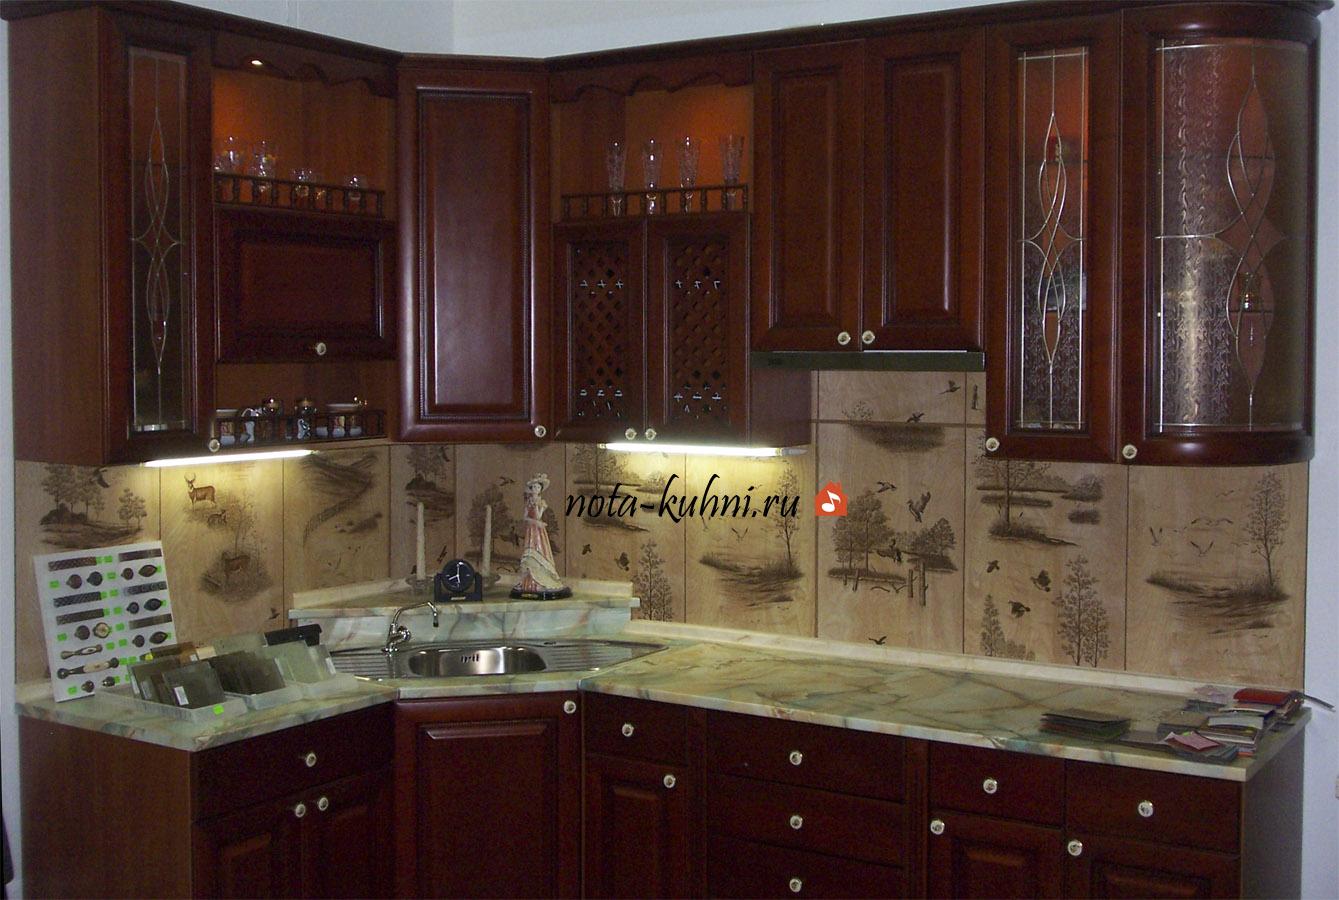 Кухни дерево на заказ Москва